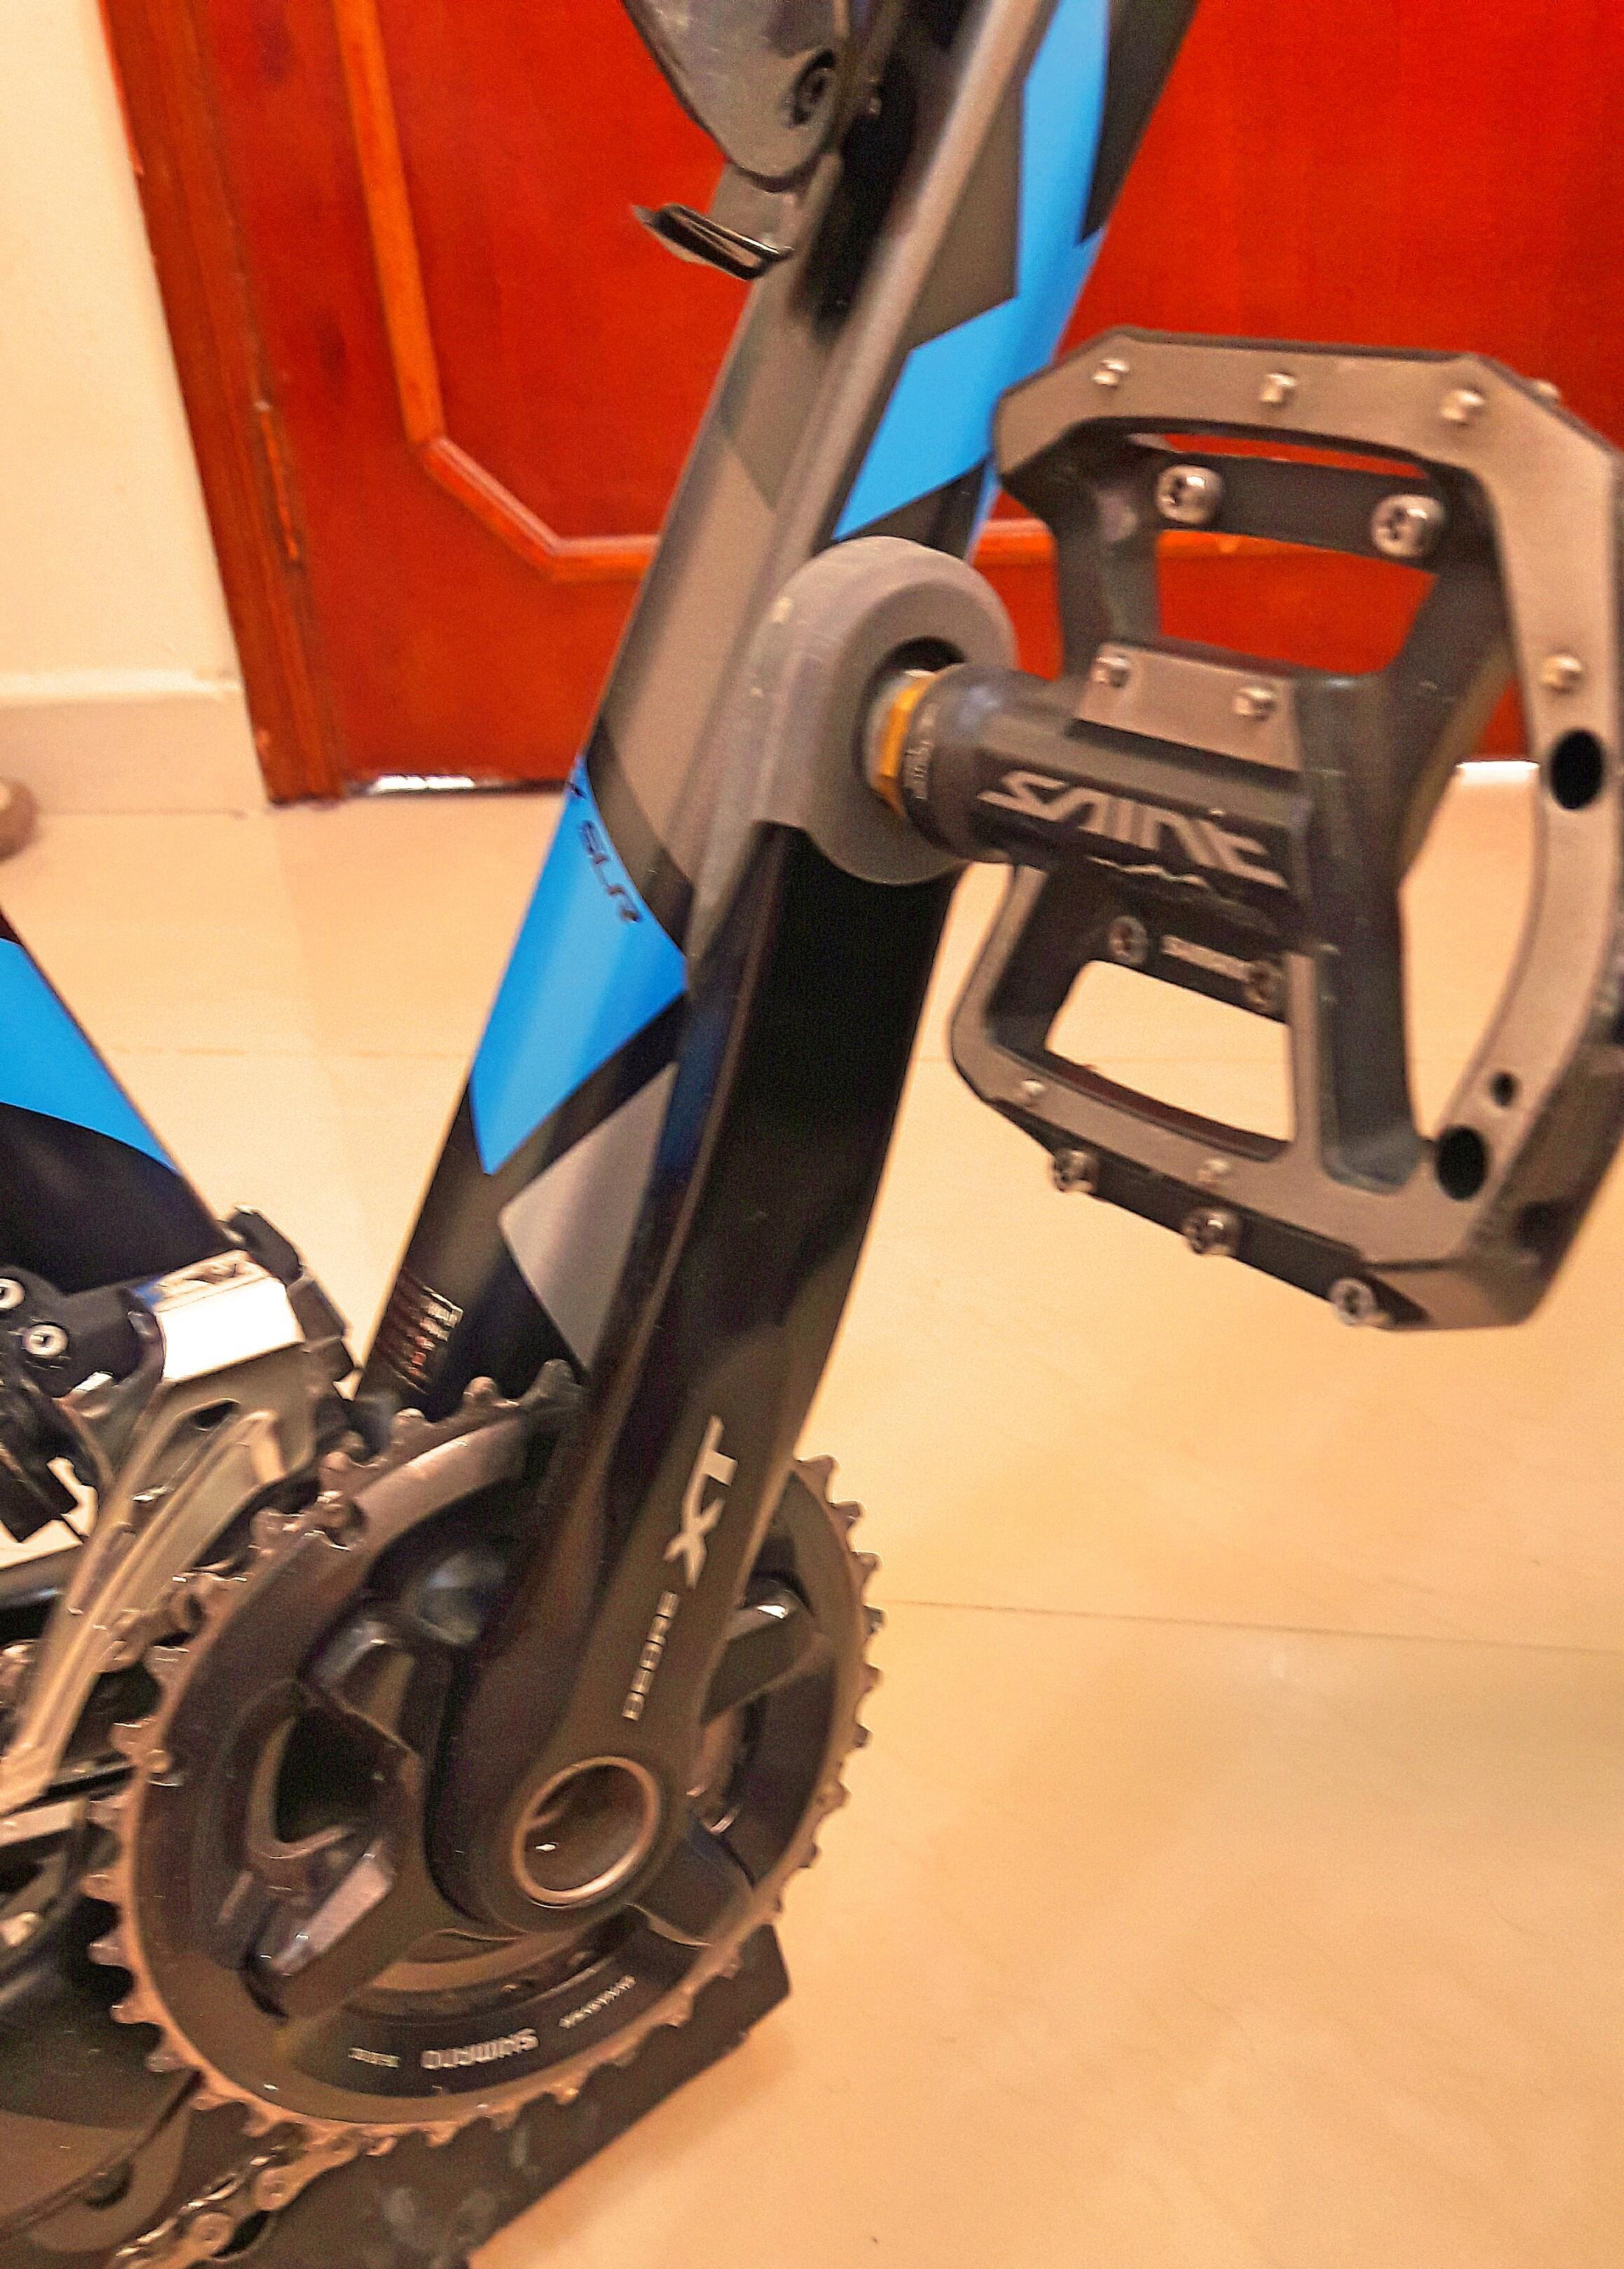 giant propel 2014 xtc bicycle